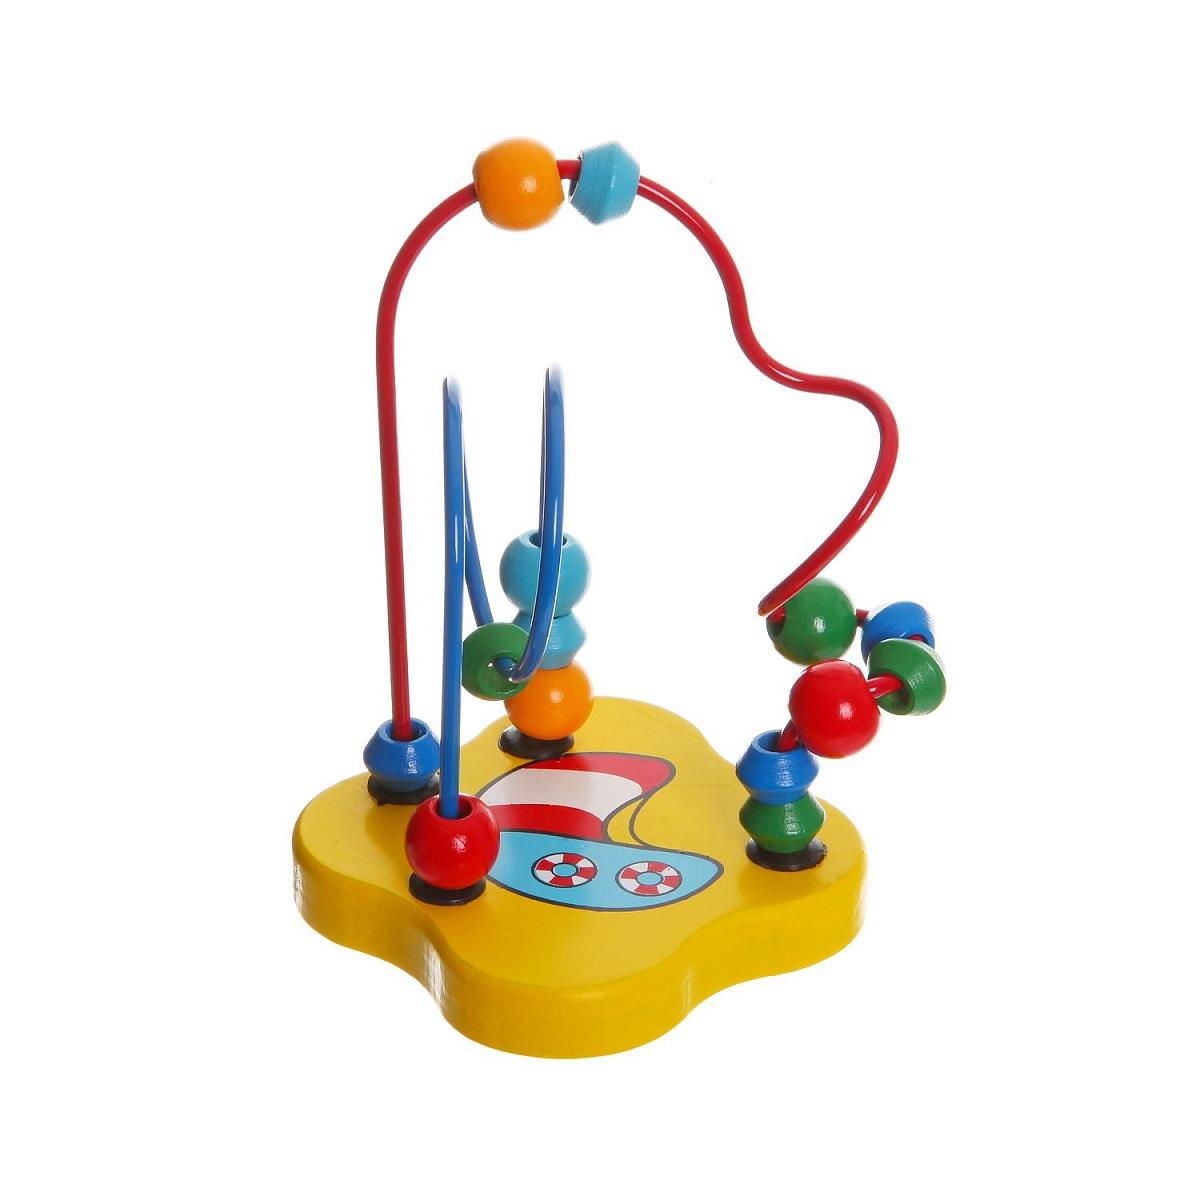 Развивающая игрушка Bondibon Разноцветный лабиринт конструкторы игрушки из дерева трамвай